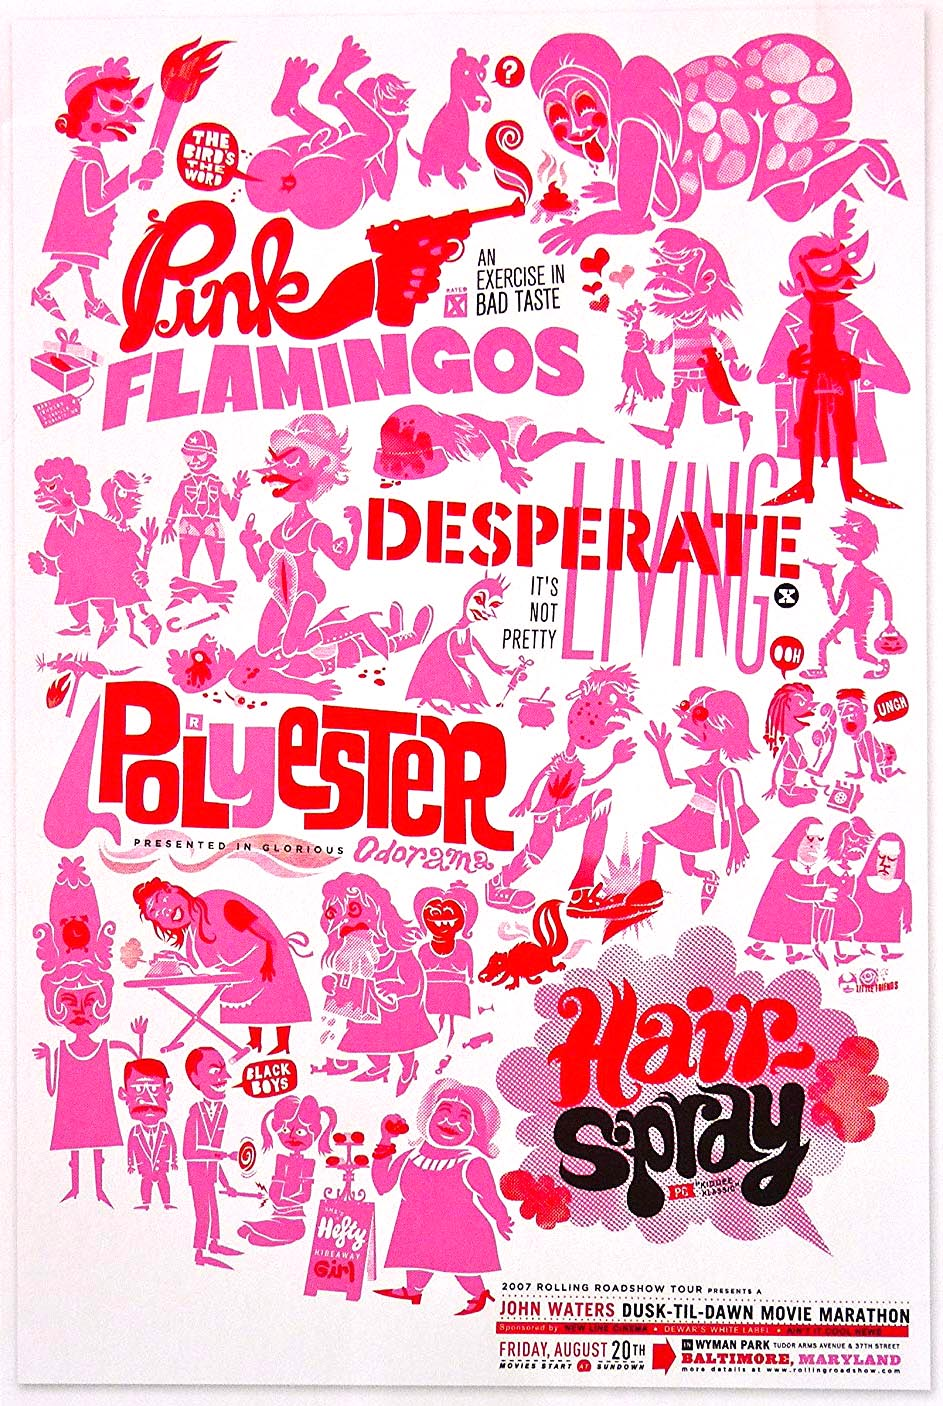 Dusk 'til Dawn Film Festival Poster